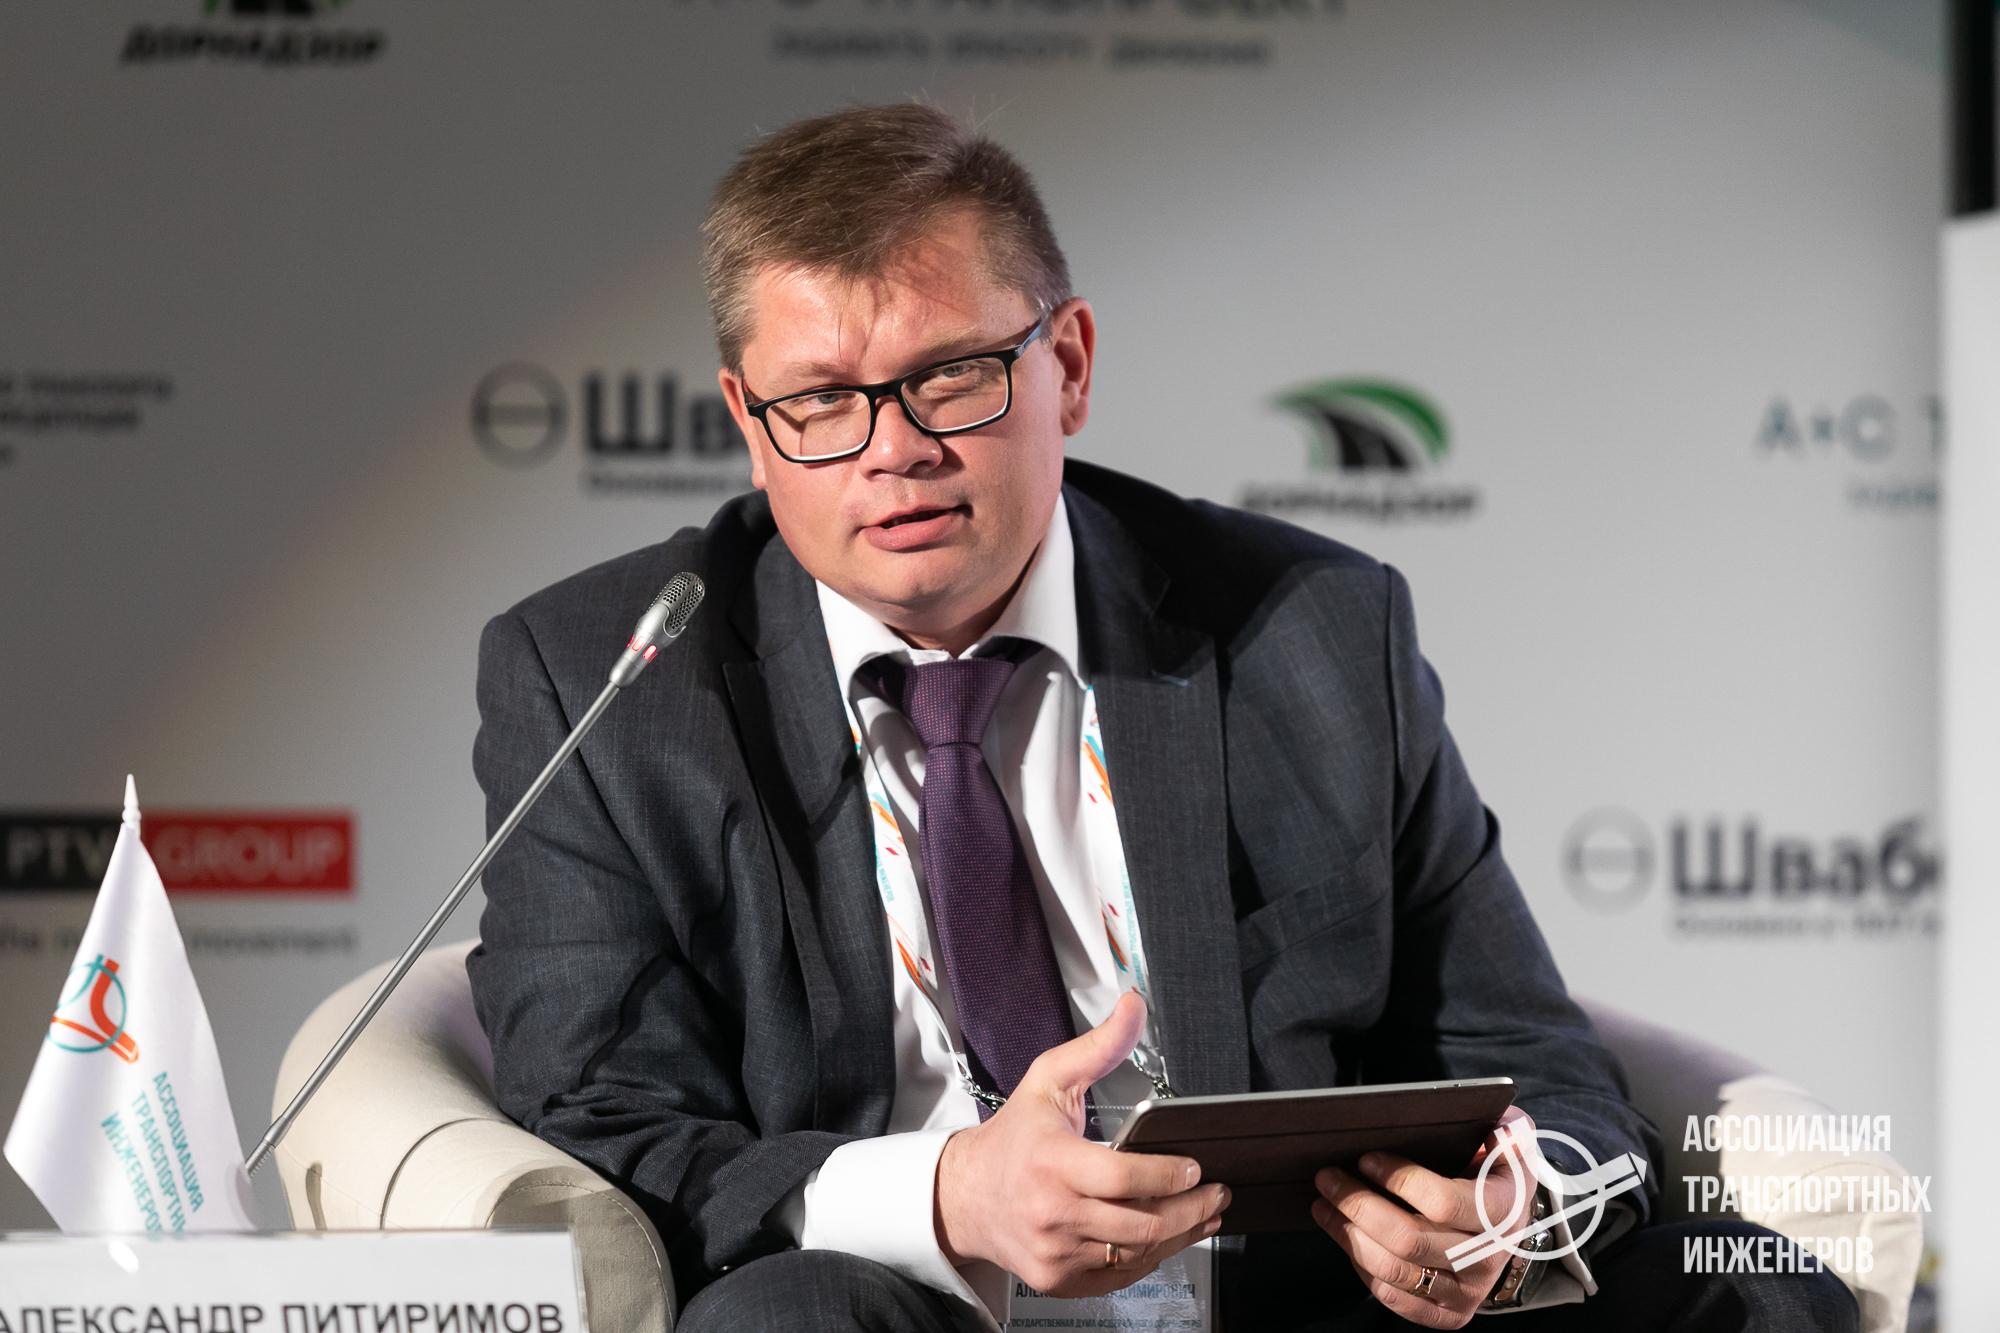 Конференция ТПиМ, 11 апреля 2019 (212)